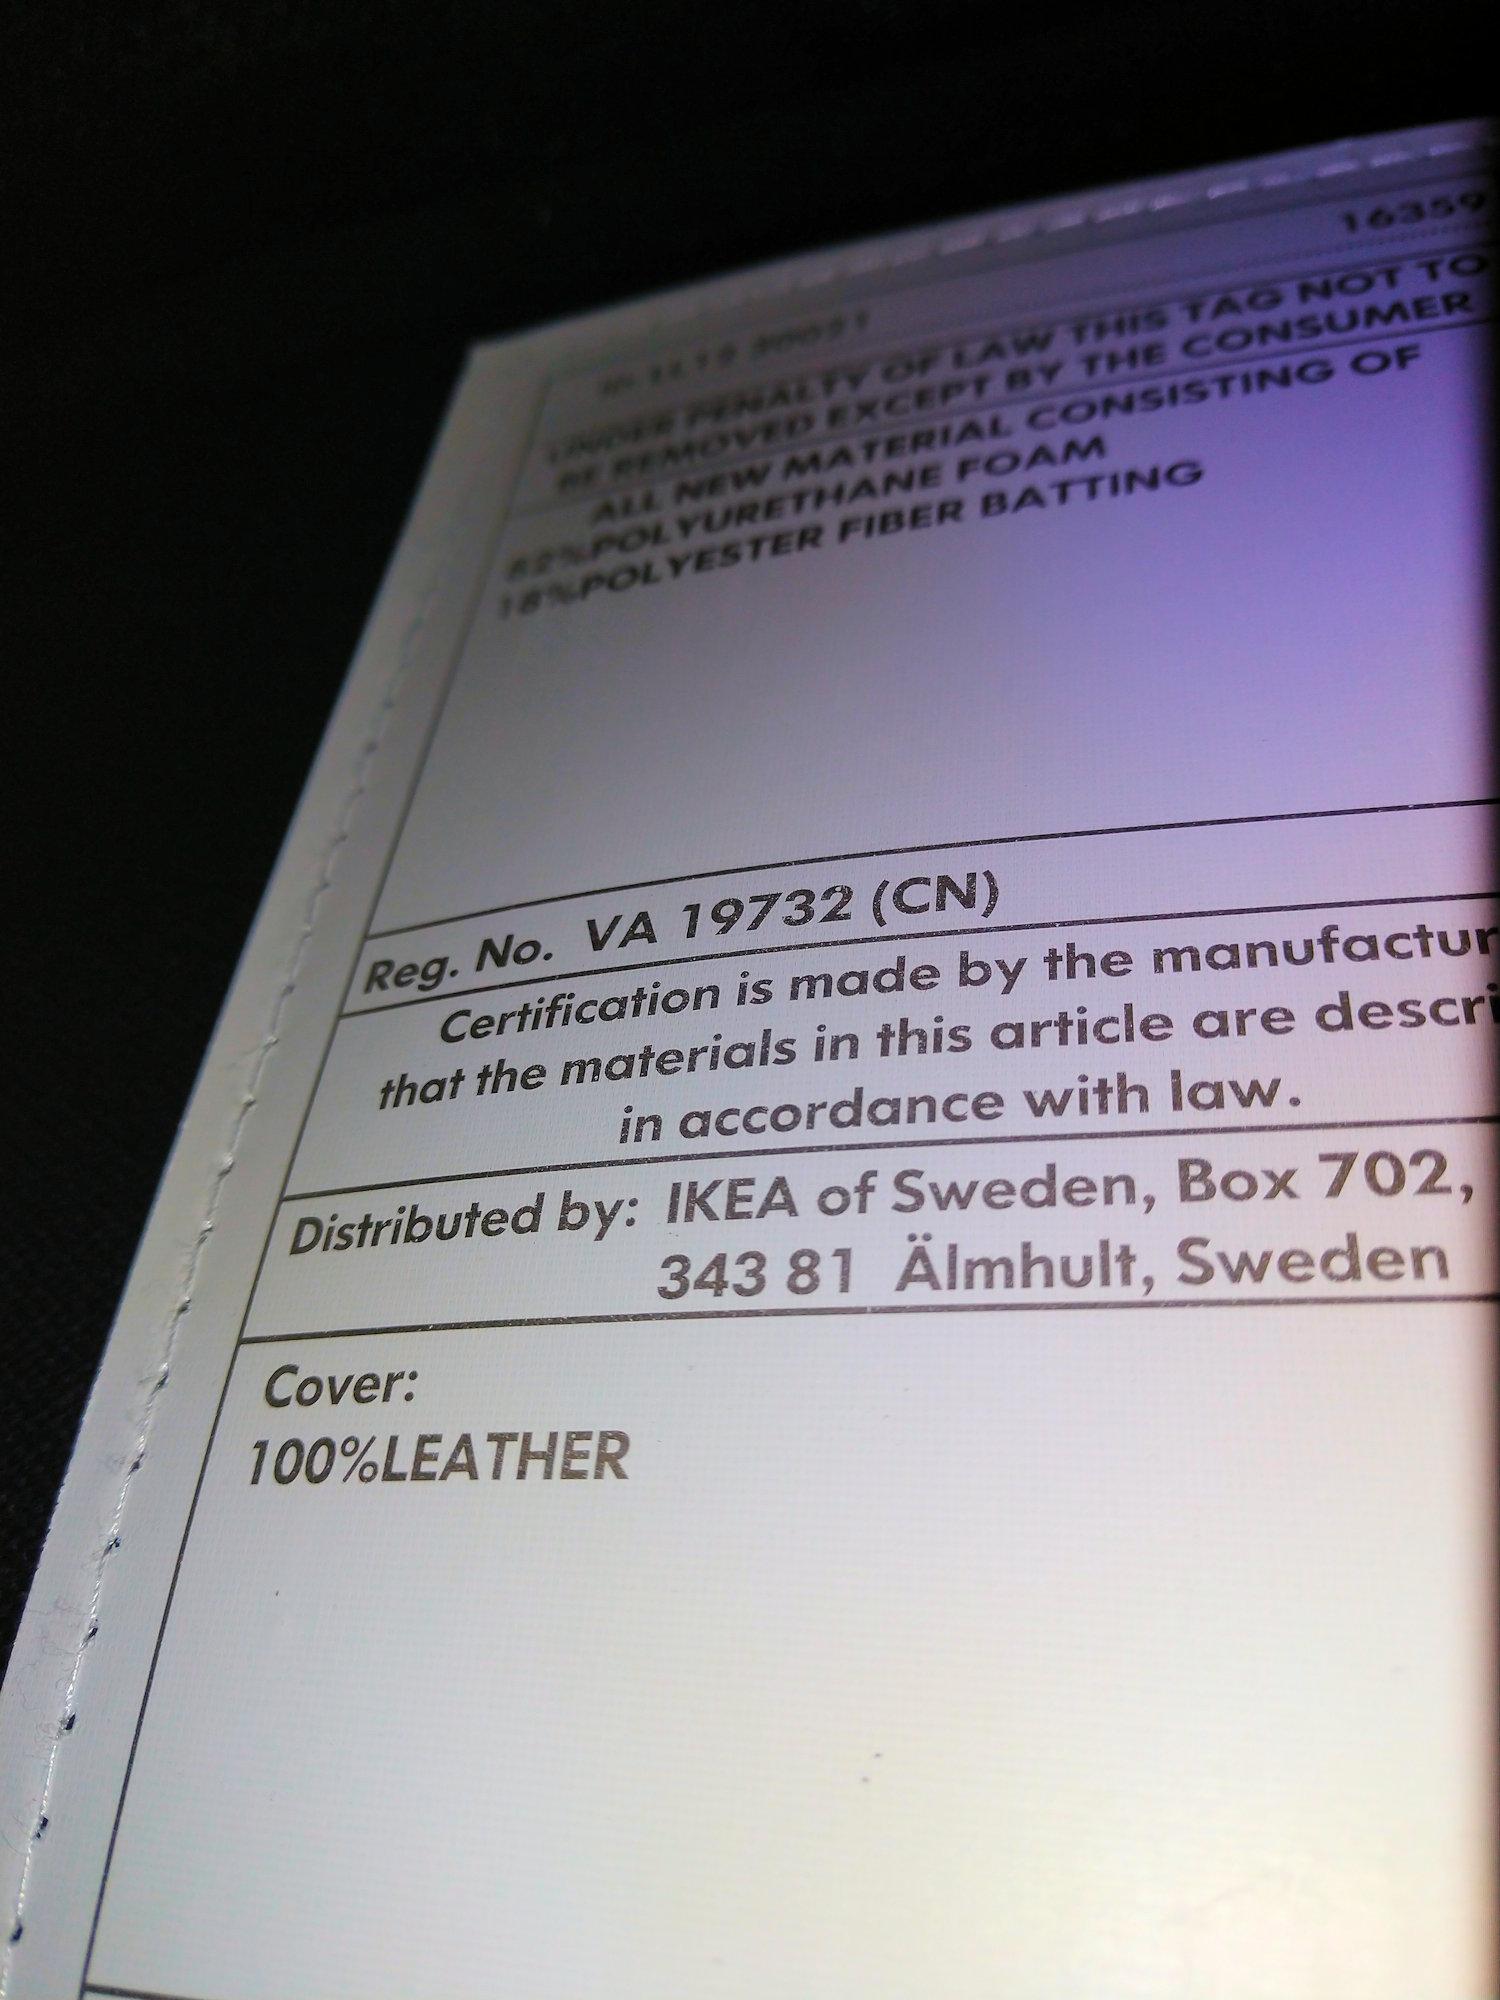 LR0192-Recliner-w-ottoman-Ikea-leatherlabel